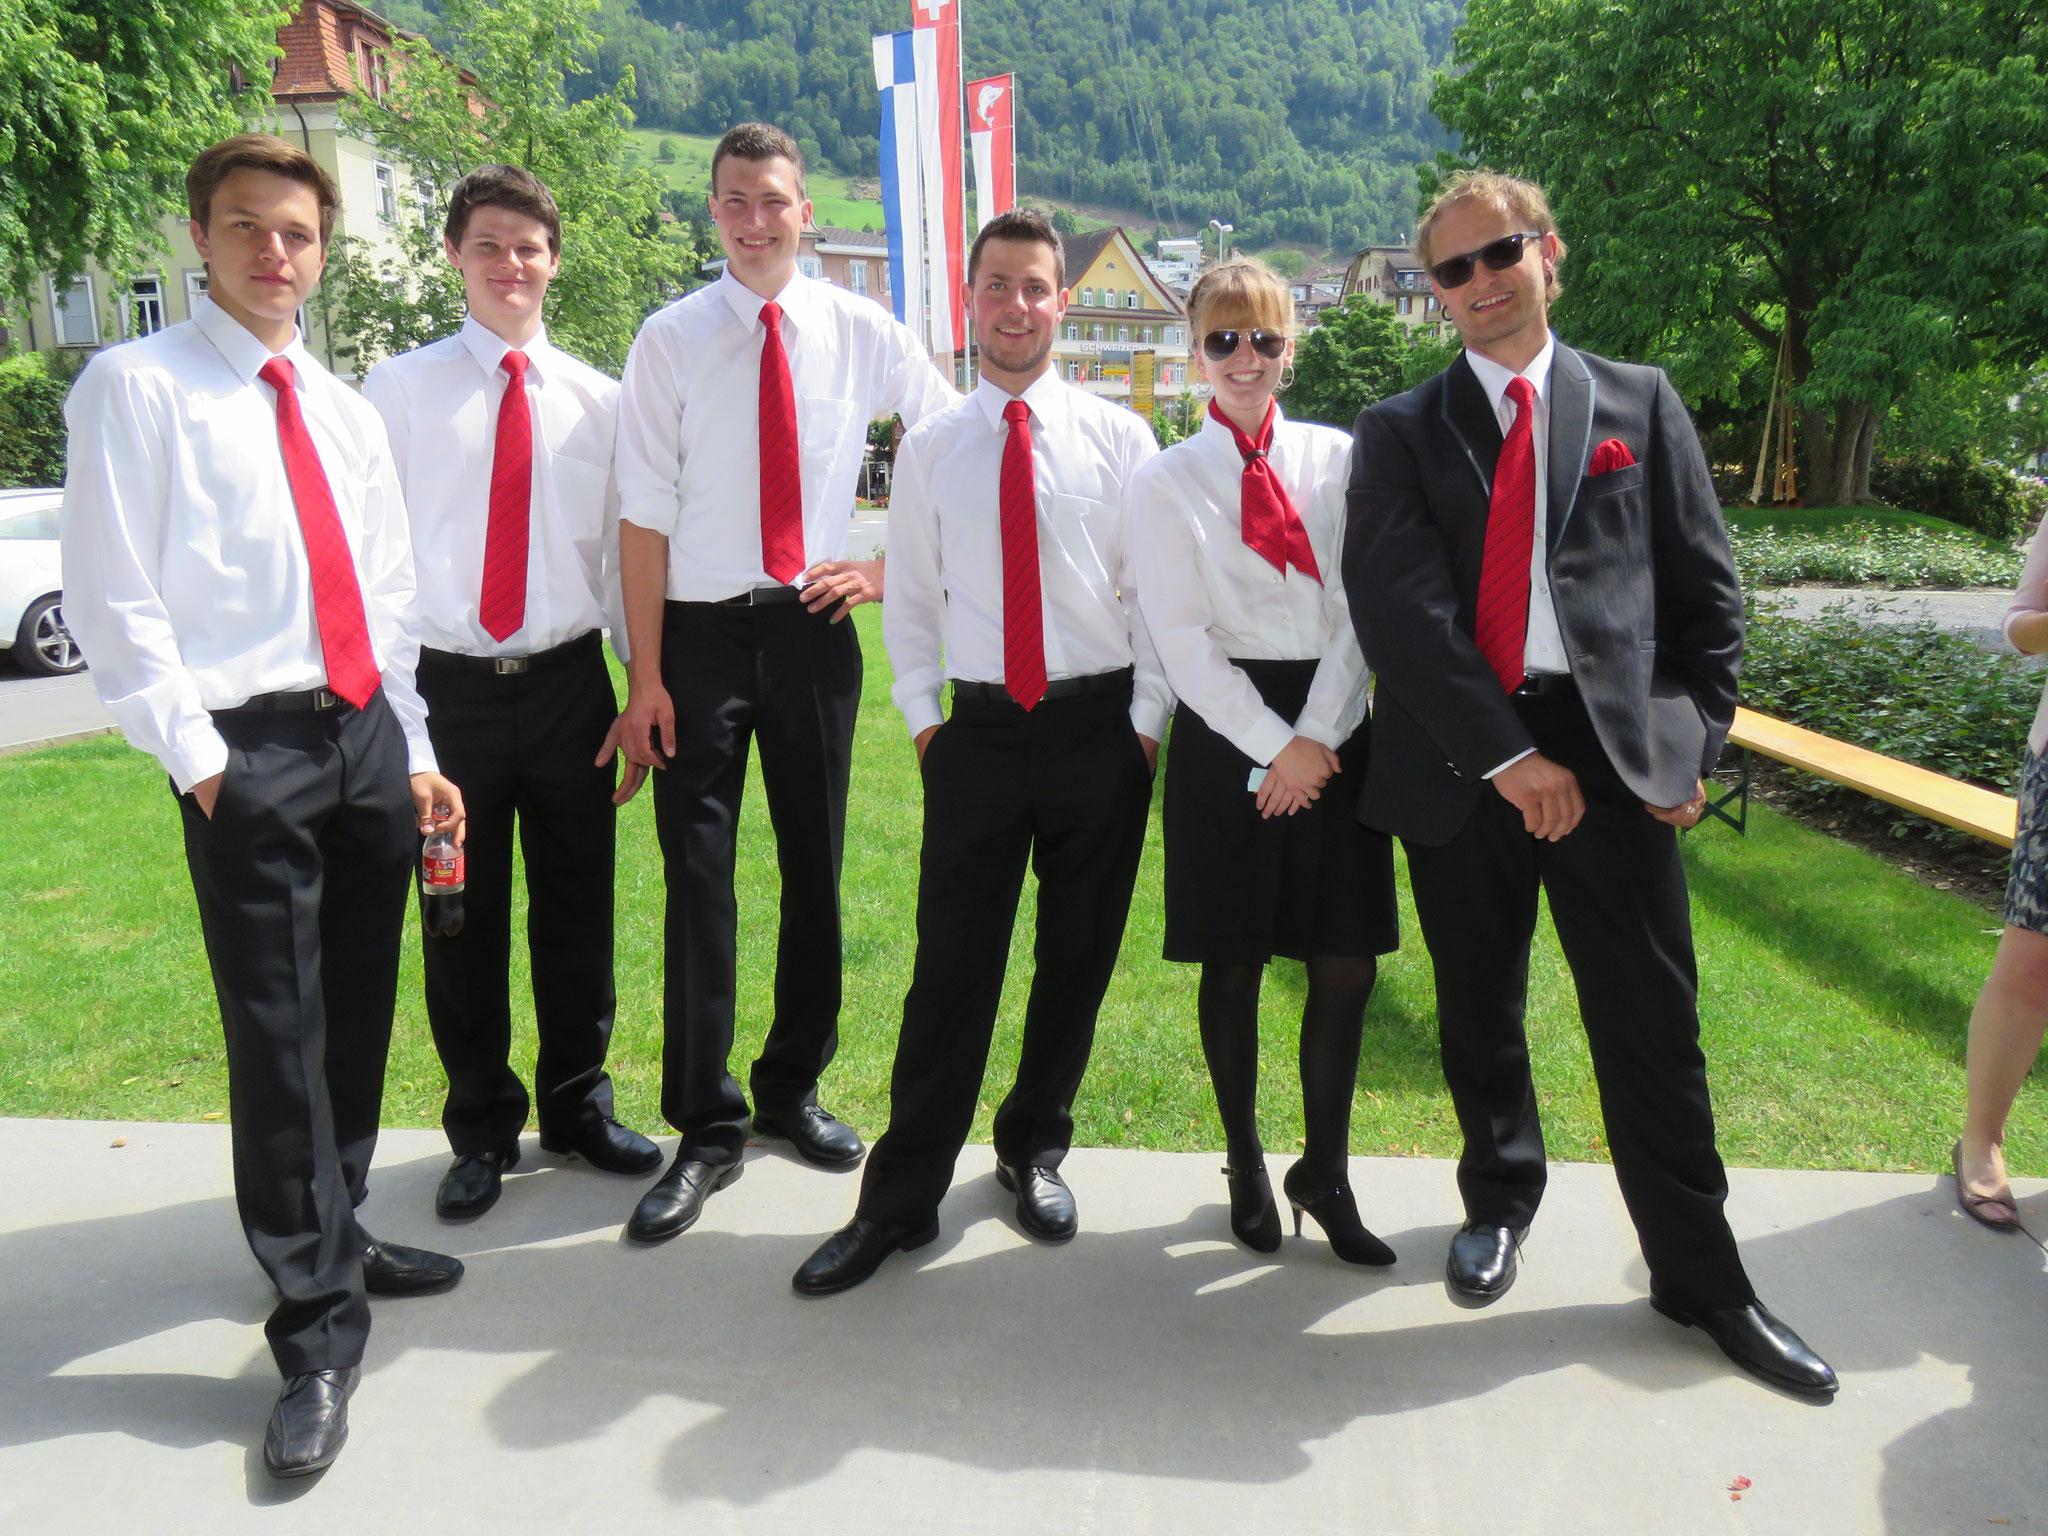 Die Jungen präsentieren mit Stolz die neue Uniform, die passt.